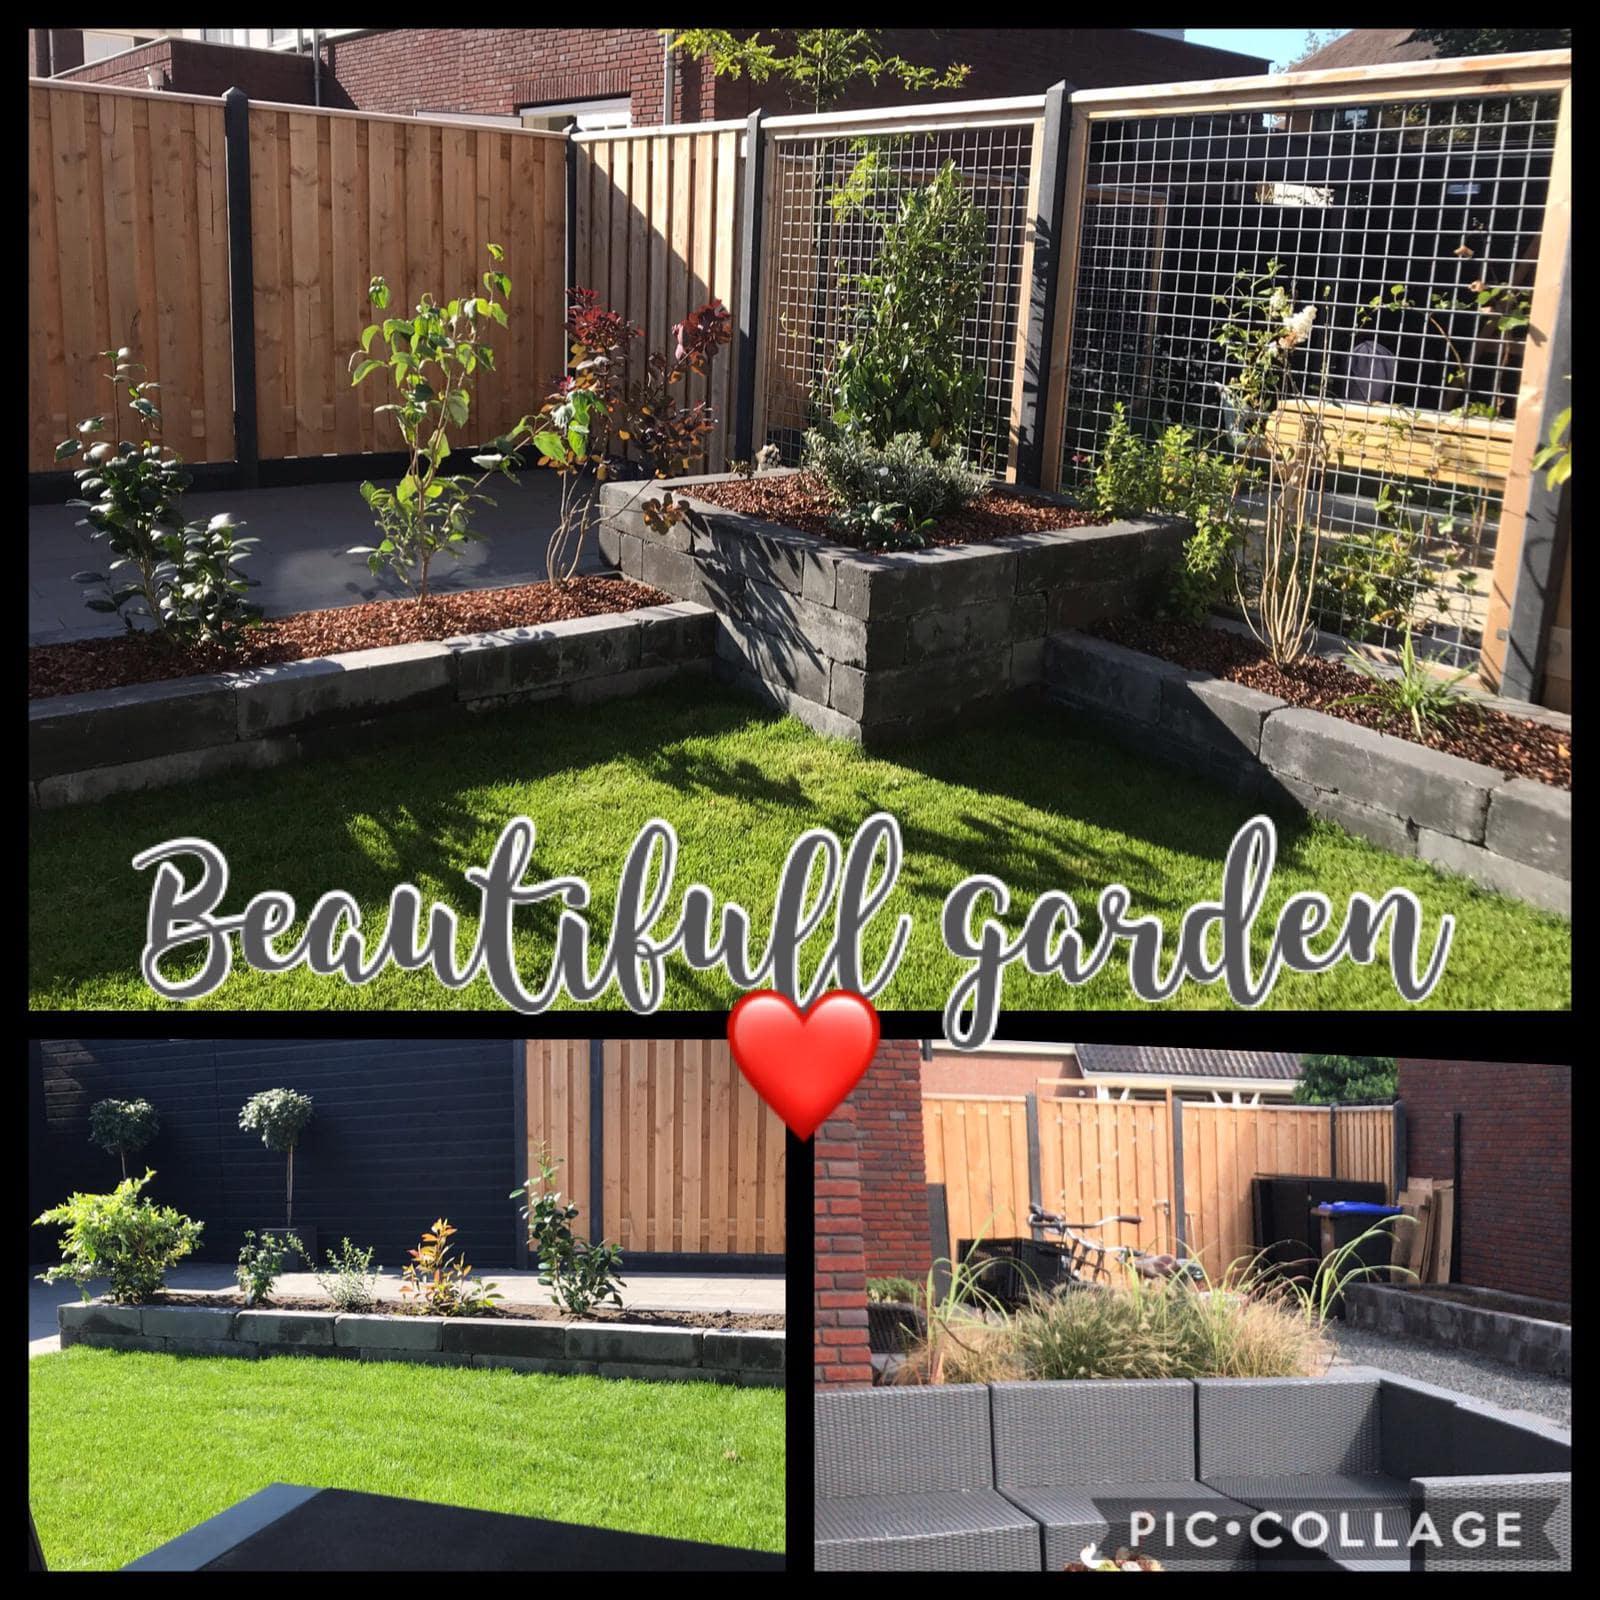 Lärmschutz im eigenen Garten - das sind die richtigen Zäune!